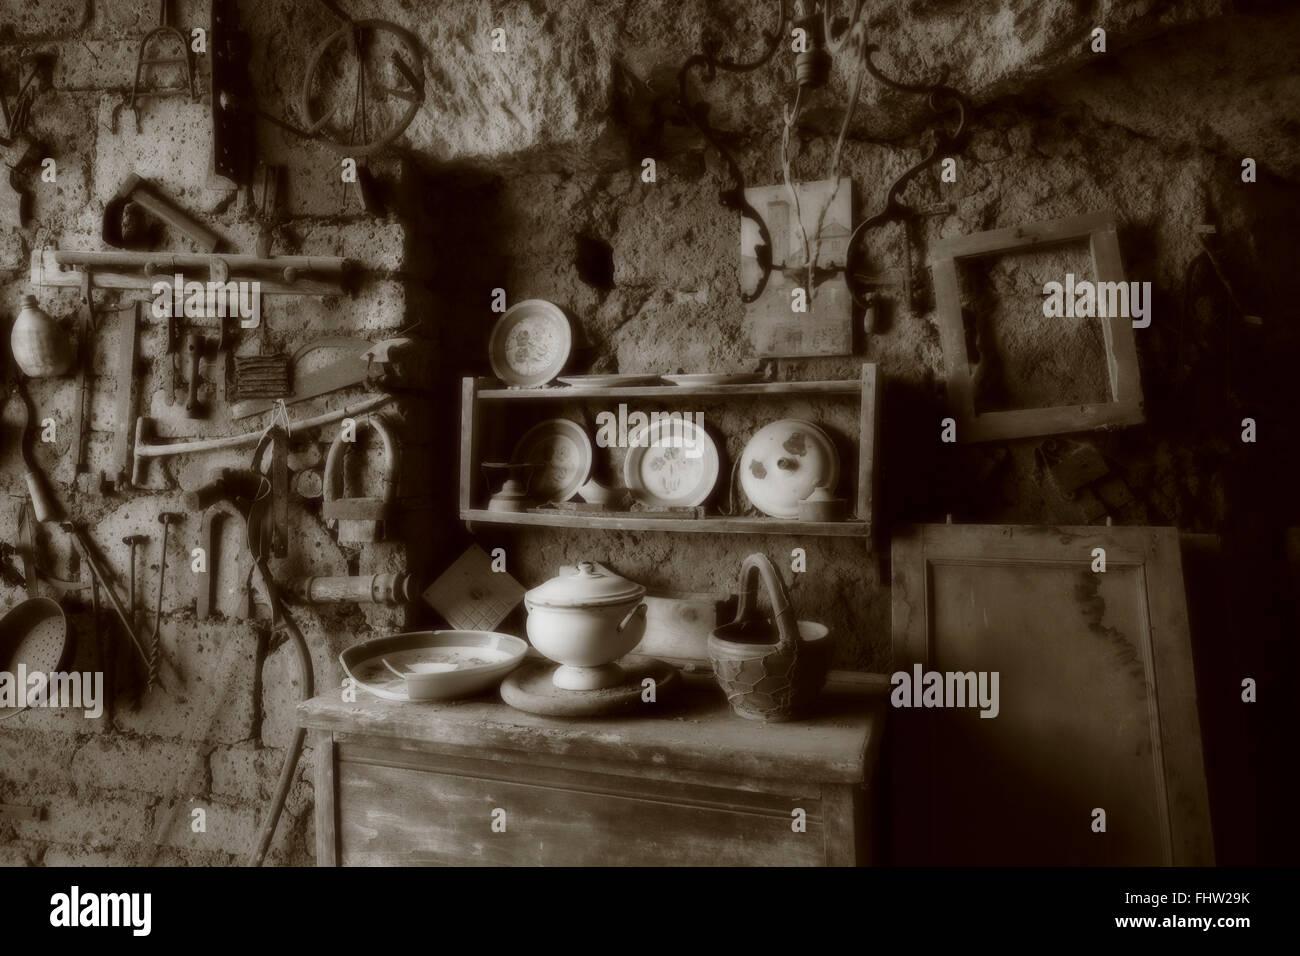 Atelier de porcelaine antique à Civita di Bagnoregio Banque D'Images